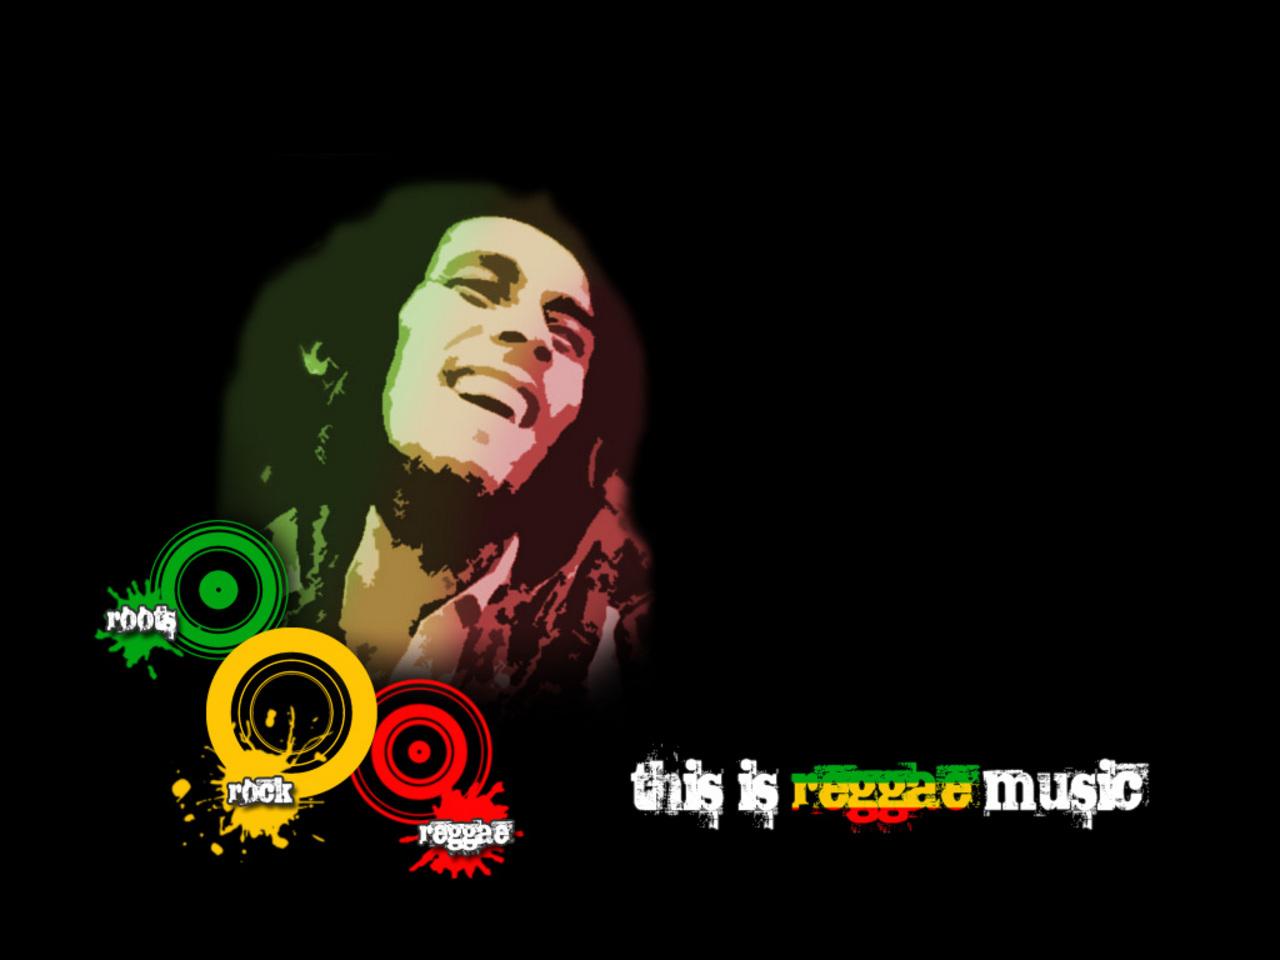 Reggaemusic wallpapers - Reggae girl wallpaper ...